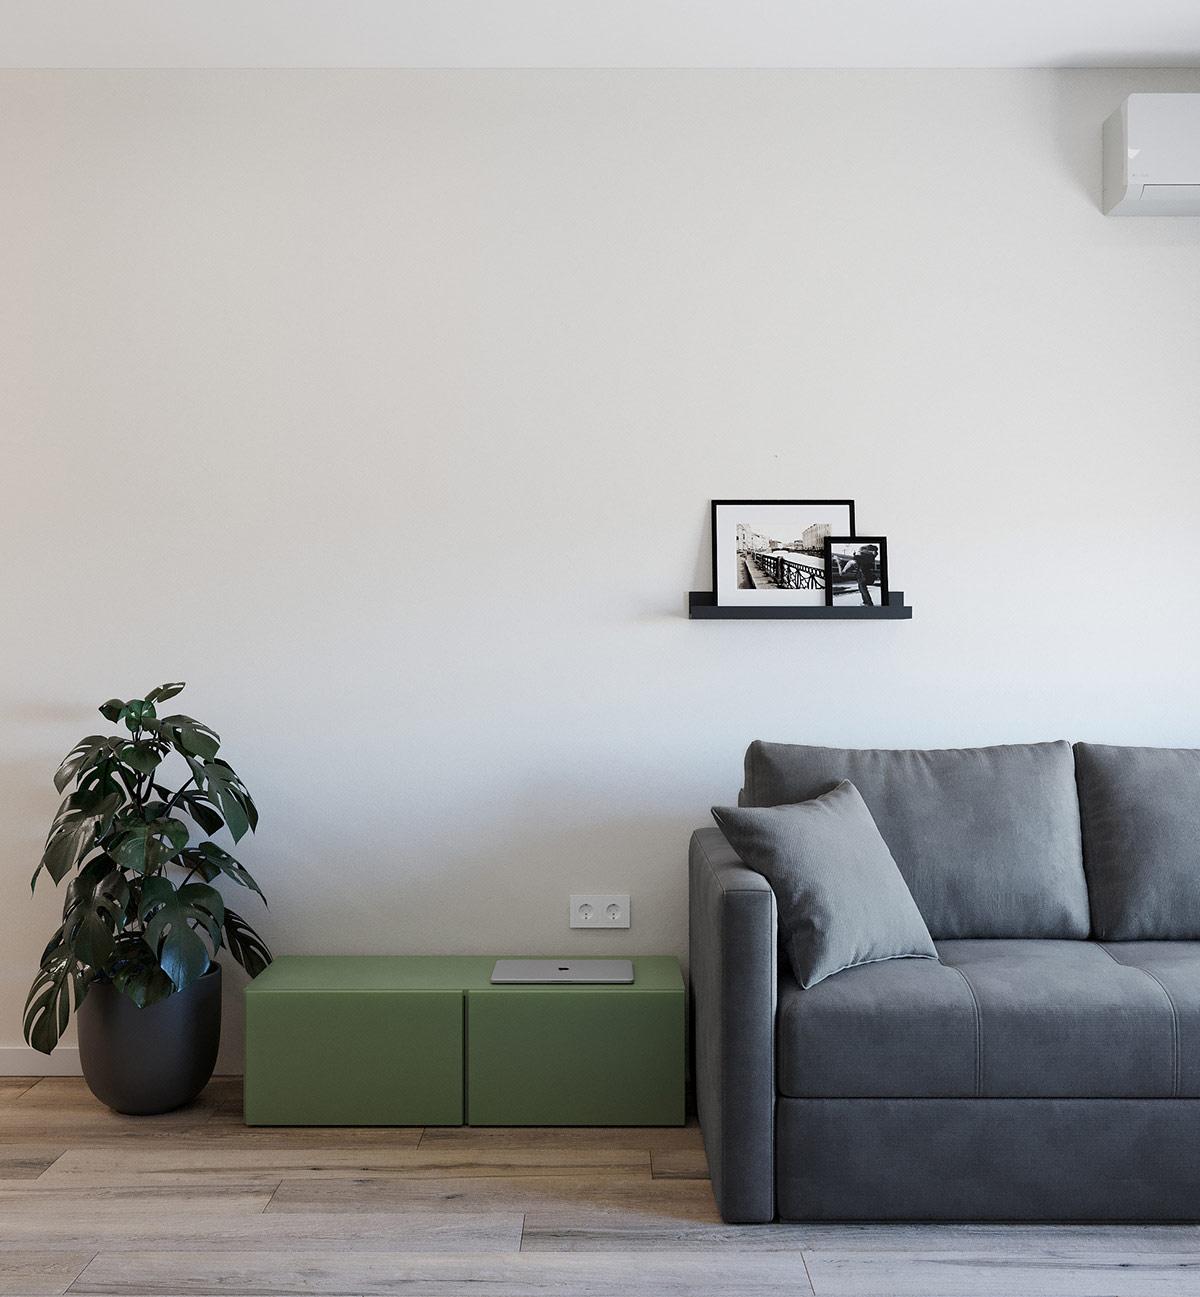 Cạnh ghế sofa màu xám thanh lịch là kệ ngồi màu xanh lá mát mắt - nơi đặt máy vi tính, tạp chí hoặc bộ sạc điện thoại.